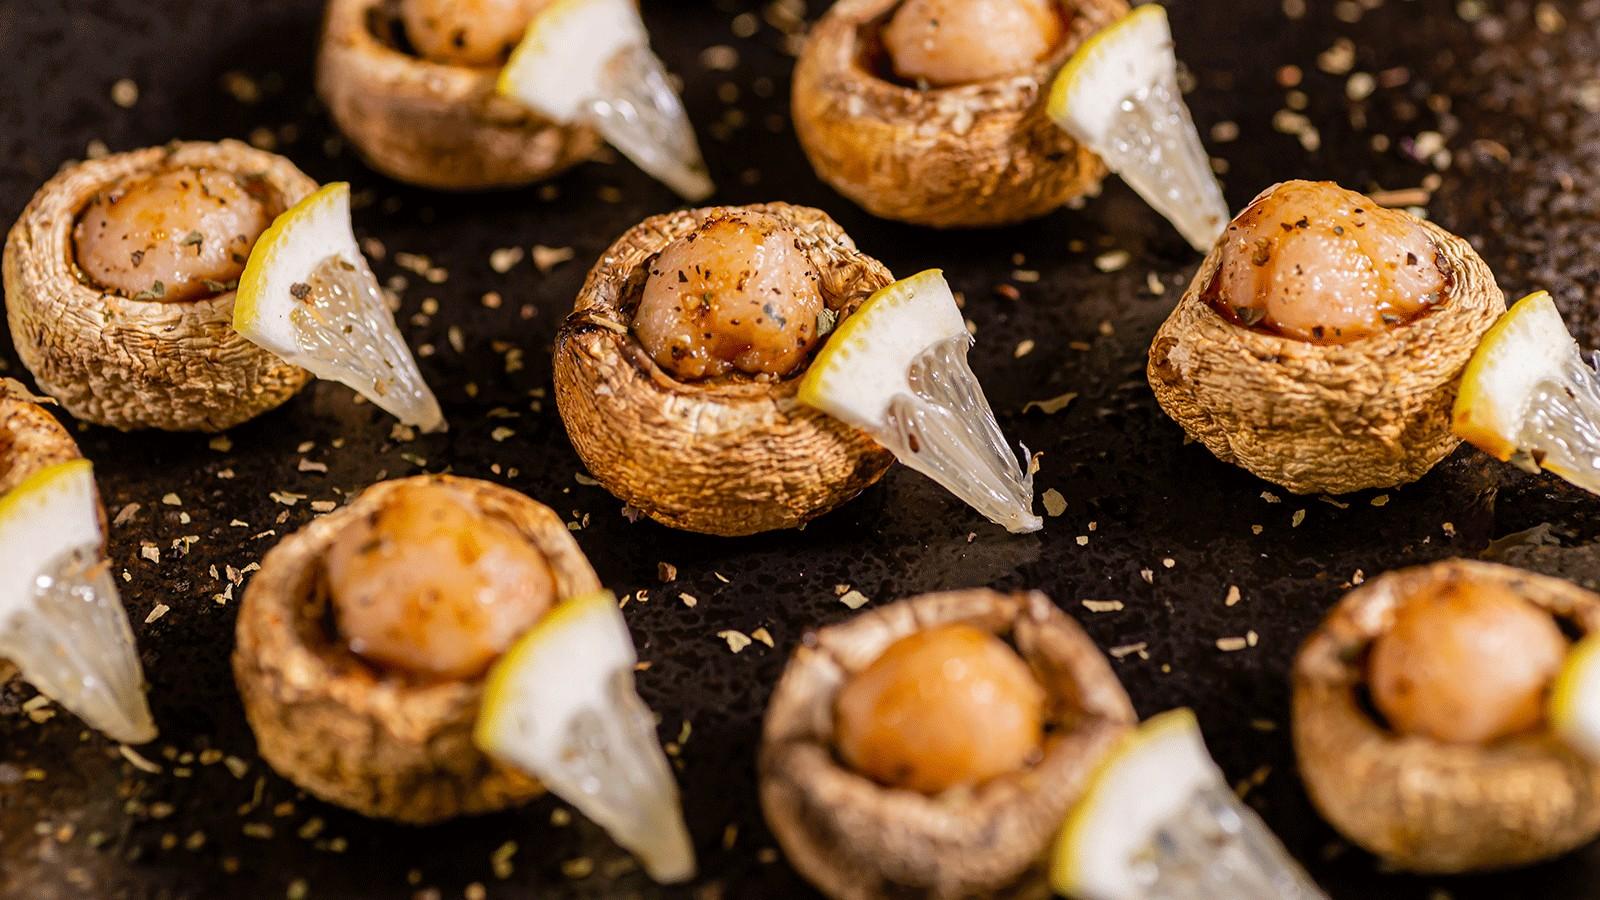 虾滑烤蘑菇&酱汤虾滑面的做法大全